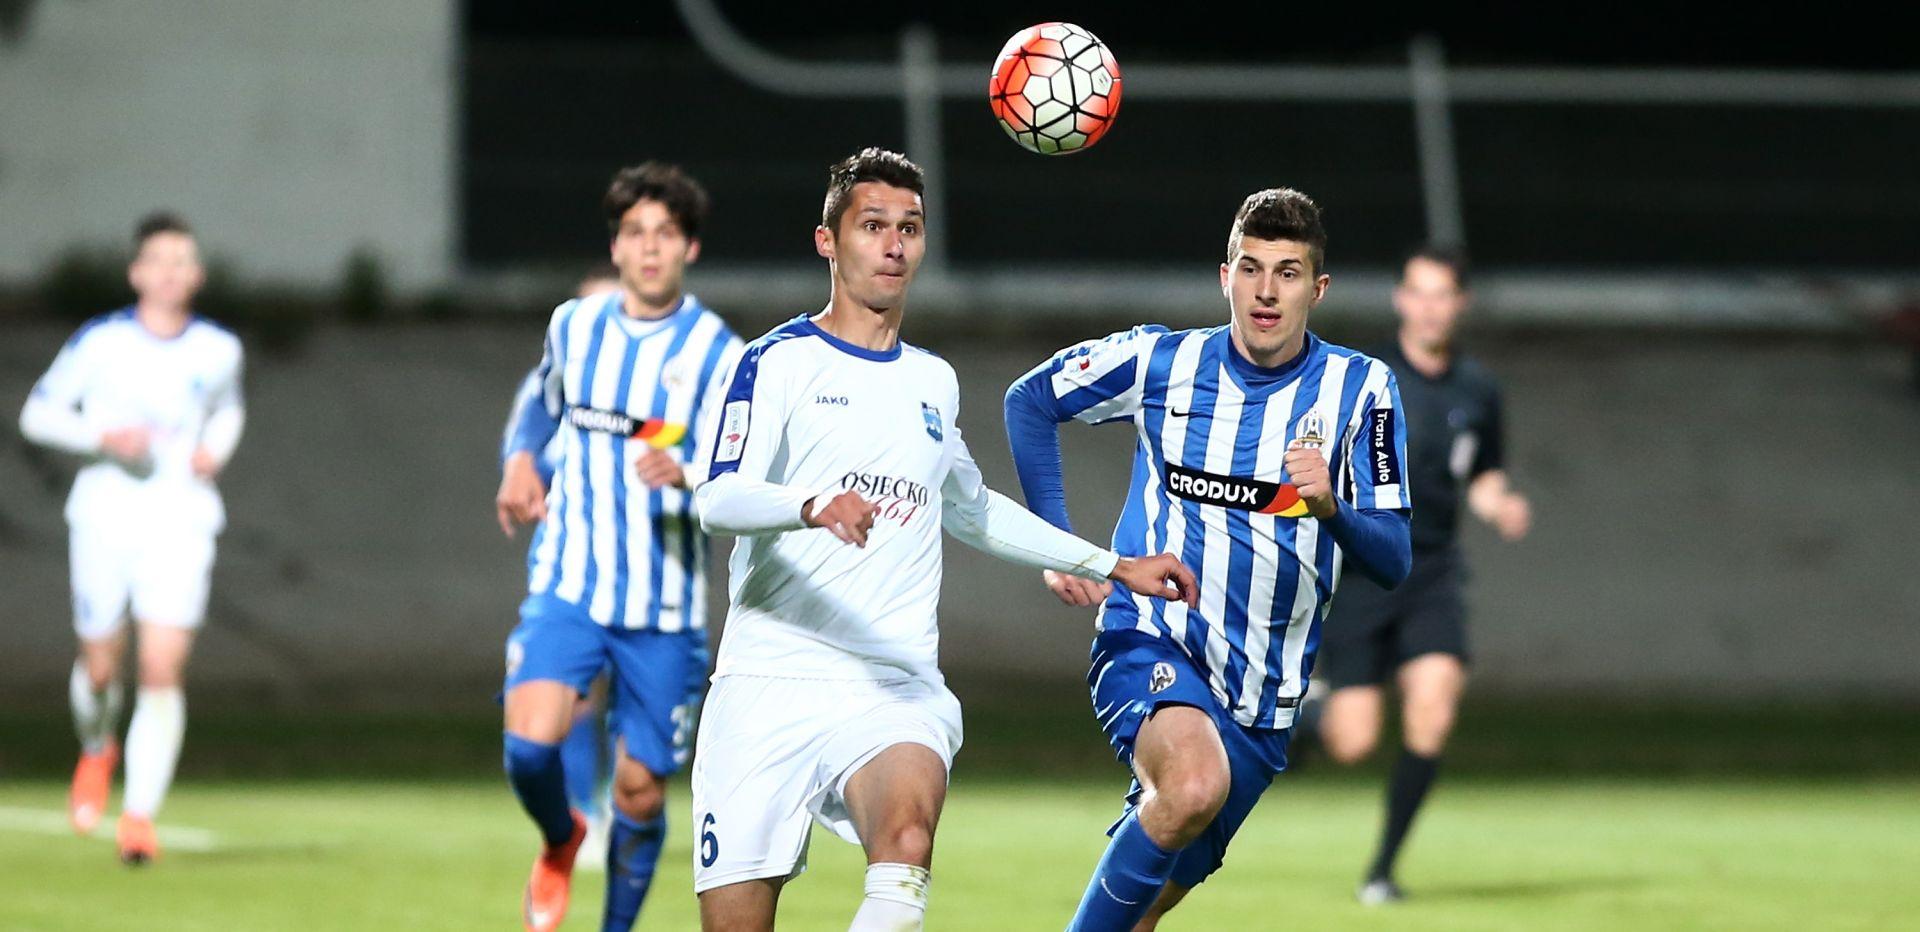 HNL Lokomotiva slavila protiv Osijeka, pobjegla Splitu na +5